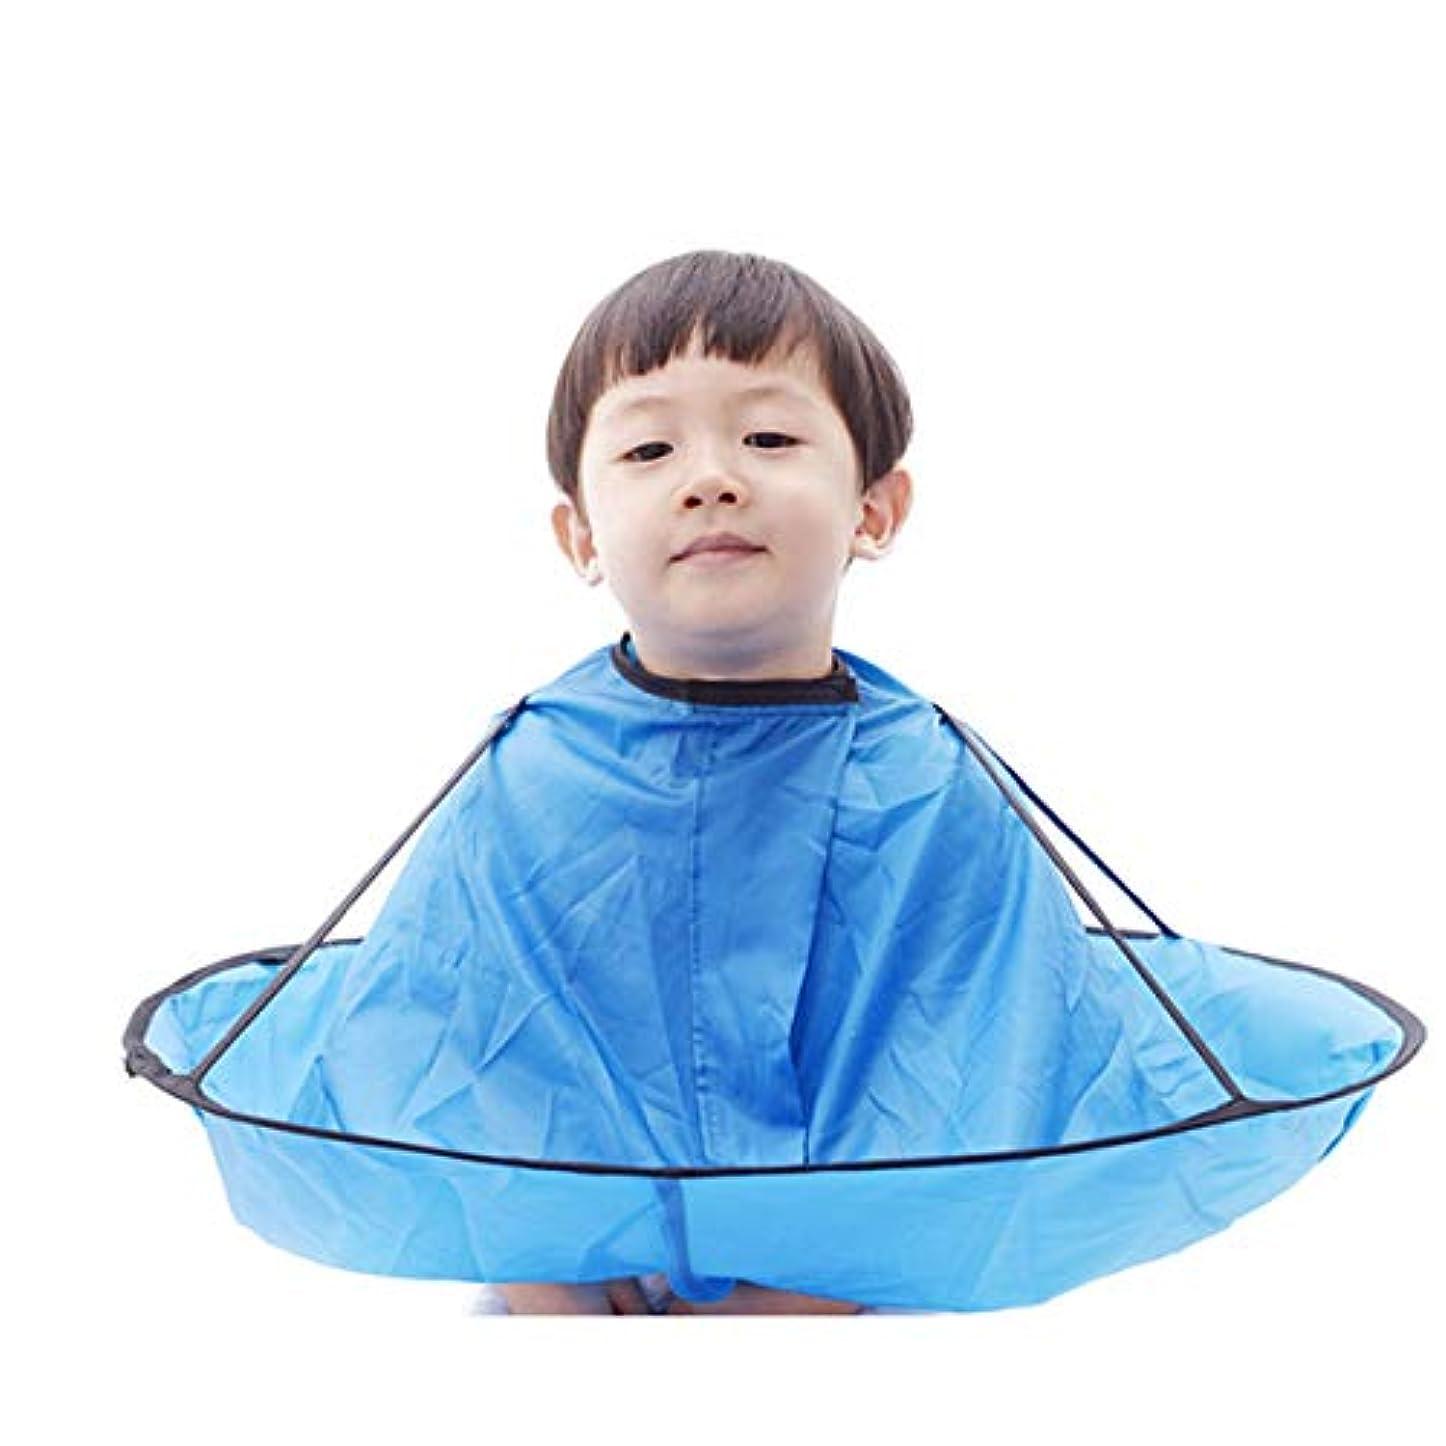 ブラジャー起きている悲観的子供 散髪ケープ ヘアエプロン 散髪マント 刈布 ケープ 散髪道具 防水 (青)